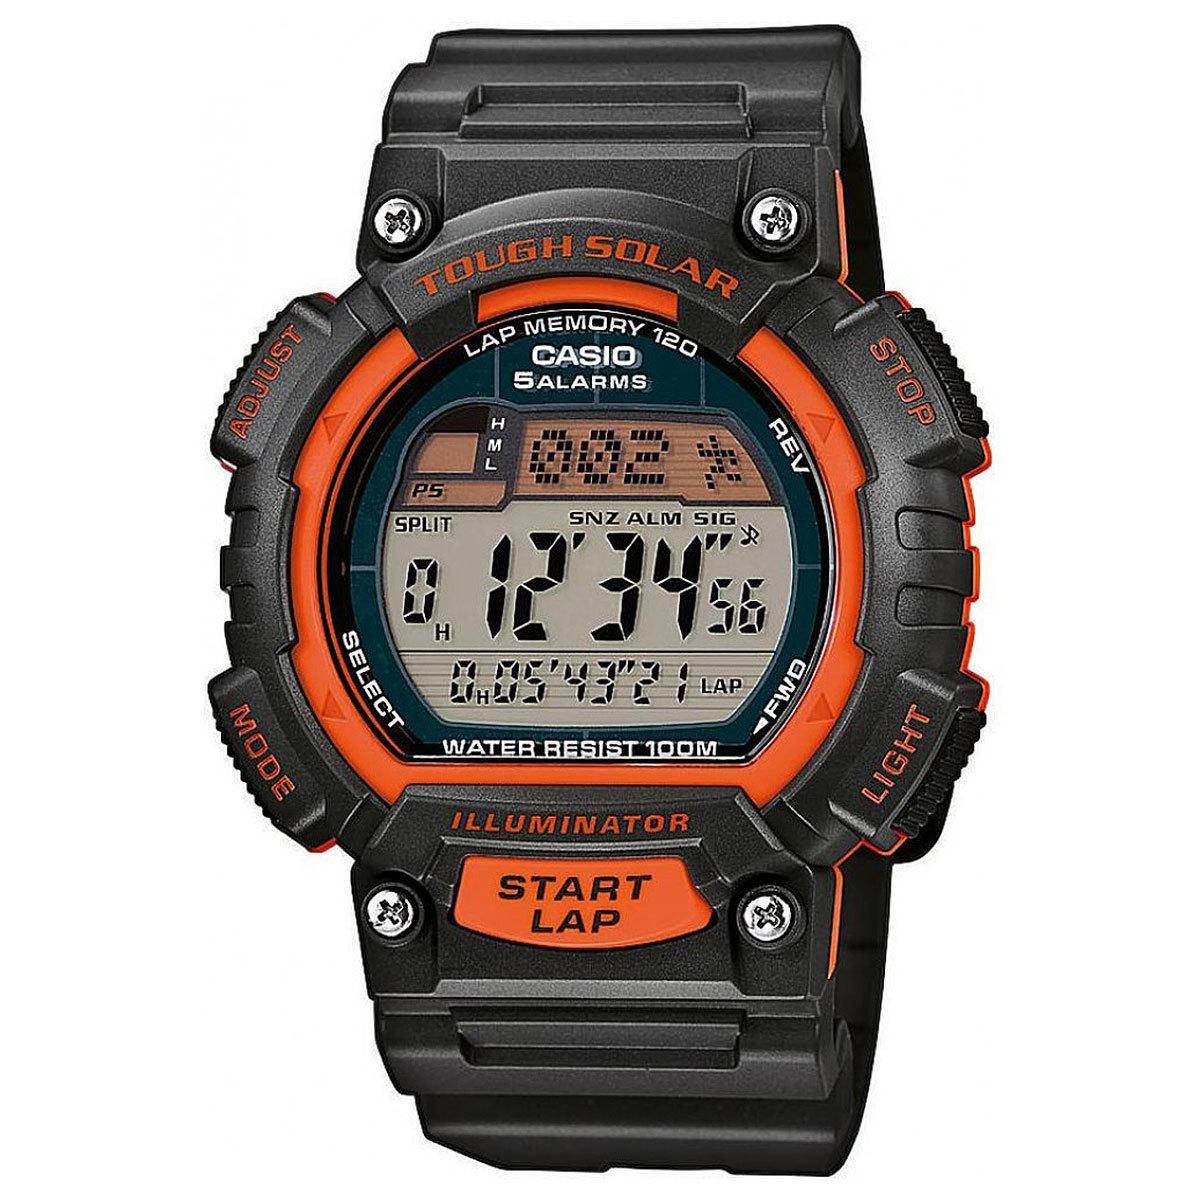 Casio Sports STL-S100H-4A / STL-S100H-4AER - мужские наручные часыCasio<br>Точность +/- 30 сек в месяц. Секундомер с точностью в 1/100 секунды. Пределы измерения достигают 100 часов. Память на 120 кругов. Измеренное общее время, прошедшее с начала тренировки или гонки, и промежуточное время можно сохранить с указанием даты и отобразить эти данные позже. Набор данных состоит из даты, общего времени, прошедшего с начала тренировки или гонки, и промежуточного времени. В памяти часов можно сохранить 120 записей. Эта модель оснащена двумя независимыми таймерами обратного отсчета, которые издают звуковой сигнал по истечении установленного заранее периода времени. Предел измерения равен 100 часам и таймер можно настроить на пятисекундные циклы. Функция мирового времени. 5 ежедневных будильников. Функция повтора будильника. Включение/выключение звука кнопок. Автоматический календарь. 12/24-часовое отображение времени. Солнечная батарейка. Индикатор уровня заряда батарейки. Светодиодная подсветка. Корпус из полимерного пластика. Ремешок из полимерного материала. Размер корпуса: 51,4 мм x 45,4 мм x 12,7 мм. Вес приблизительно 40,3 гр.<br><br>Бренд: Casio<br>Модель: Casio STL-S100H-4A<br>Артикул: STL-S100H-4A<br>Вариант артикула: STL-S100H-4AER<br>Коллекция: Sports<br>Подколлекция: None<br>Страна: Япония<br>Пол: мужские<br>Тип механизма: кварцевые<br>Механизм: None<br>Количество камней: None<br>Автоподзавод: None<br>Источник энергии: от солнечной батареи<br>Срок службы элемента питания: None<br>Дисплей: цифры<br>Цифры: None<br>Водозащита: WR 100<br>Противоударные: None<br>Материал корпуса: пластик<br>Материал браслета: пластик<br>Материал безеля: None<br>Стекло: пластиковое<br>Антибликовое покрытие: None<br>Цвет корпуса: None<br>Цвет браслета: None<br>Цвет циферблата: None<br>Цвет безеля: None<br>Размеры: 45.4x51.4x12.7 мм<br>Диаметр: None<br>Диаметр корпуса: None<br>Толщина: None<br>Ширина ремешка: None<br>Вес: 40.3 г<br>Спорт-функции: секундомер, таймер обратного отсчета<br>